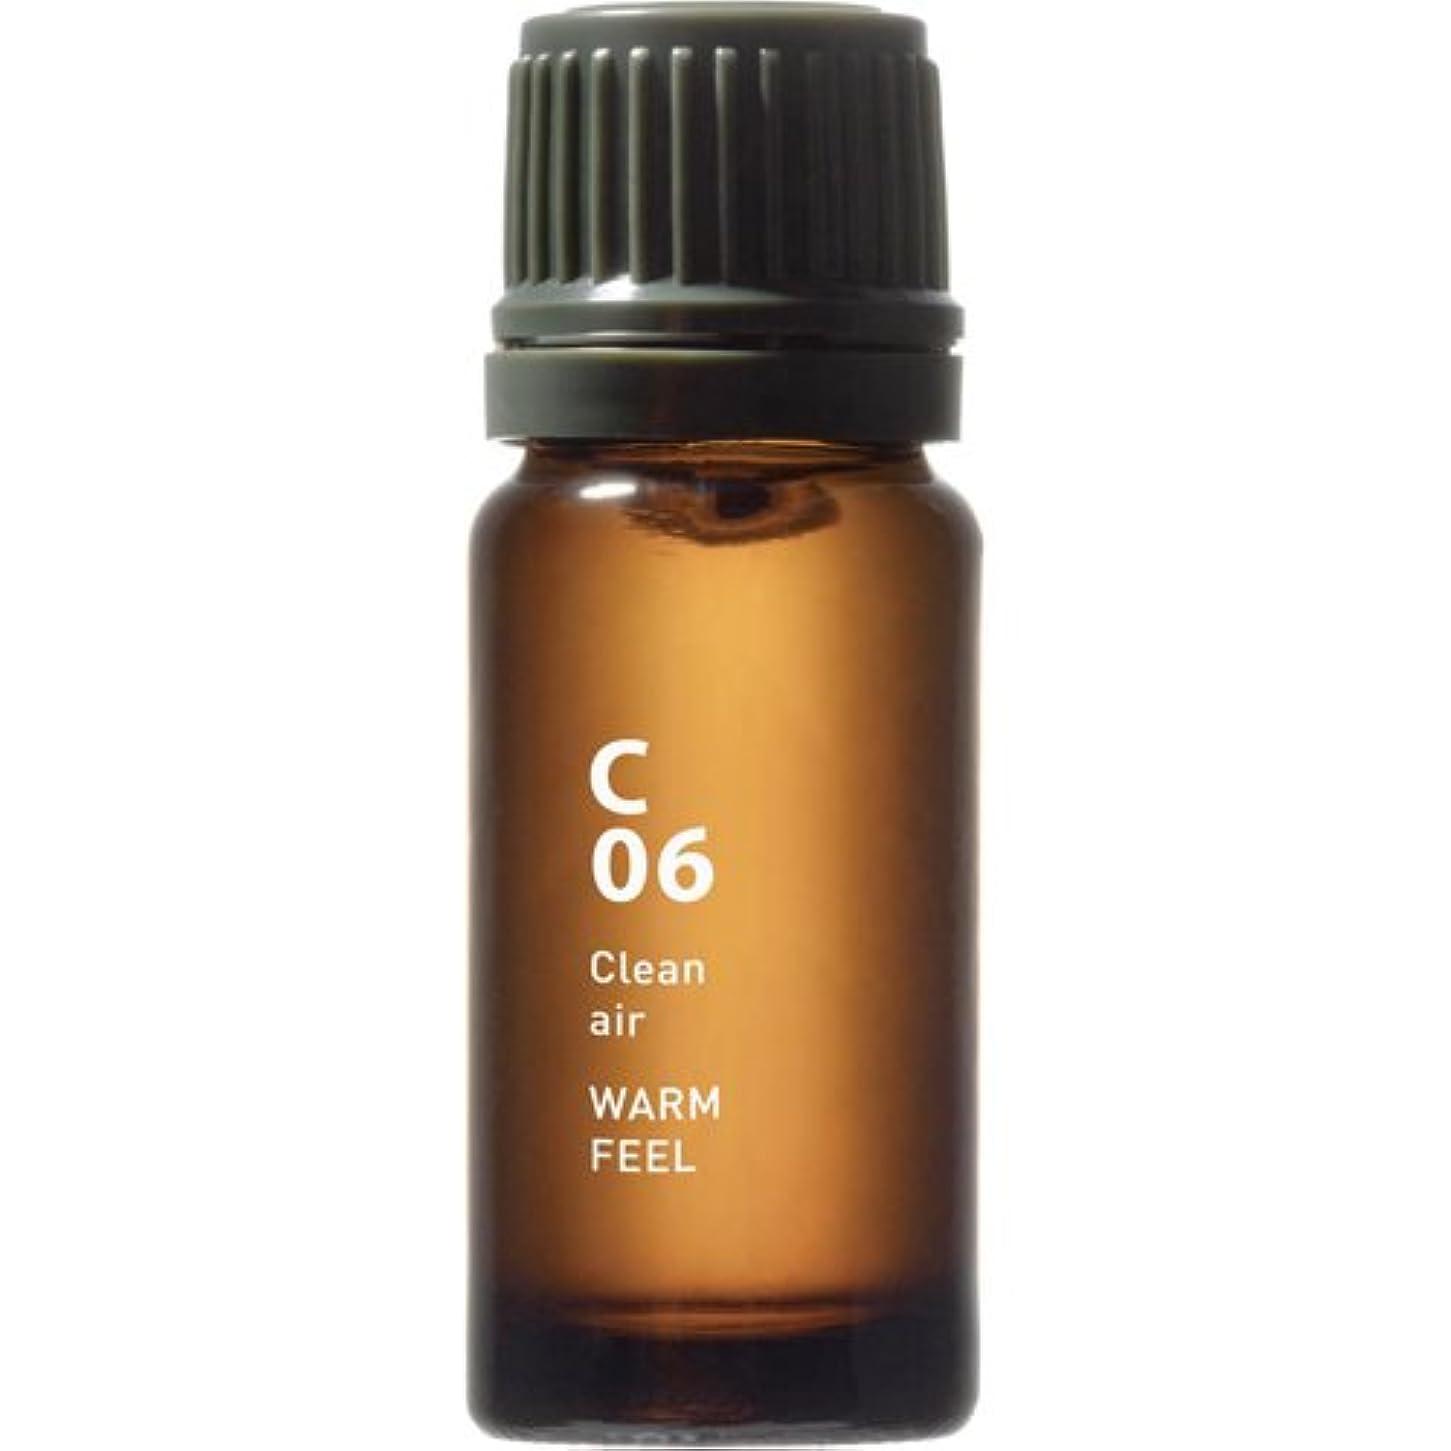 C06 WARM FEEL Clean air 10ml